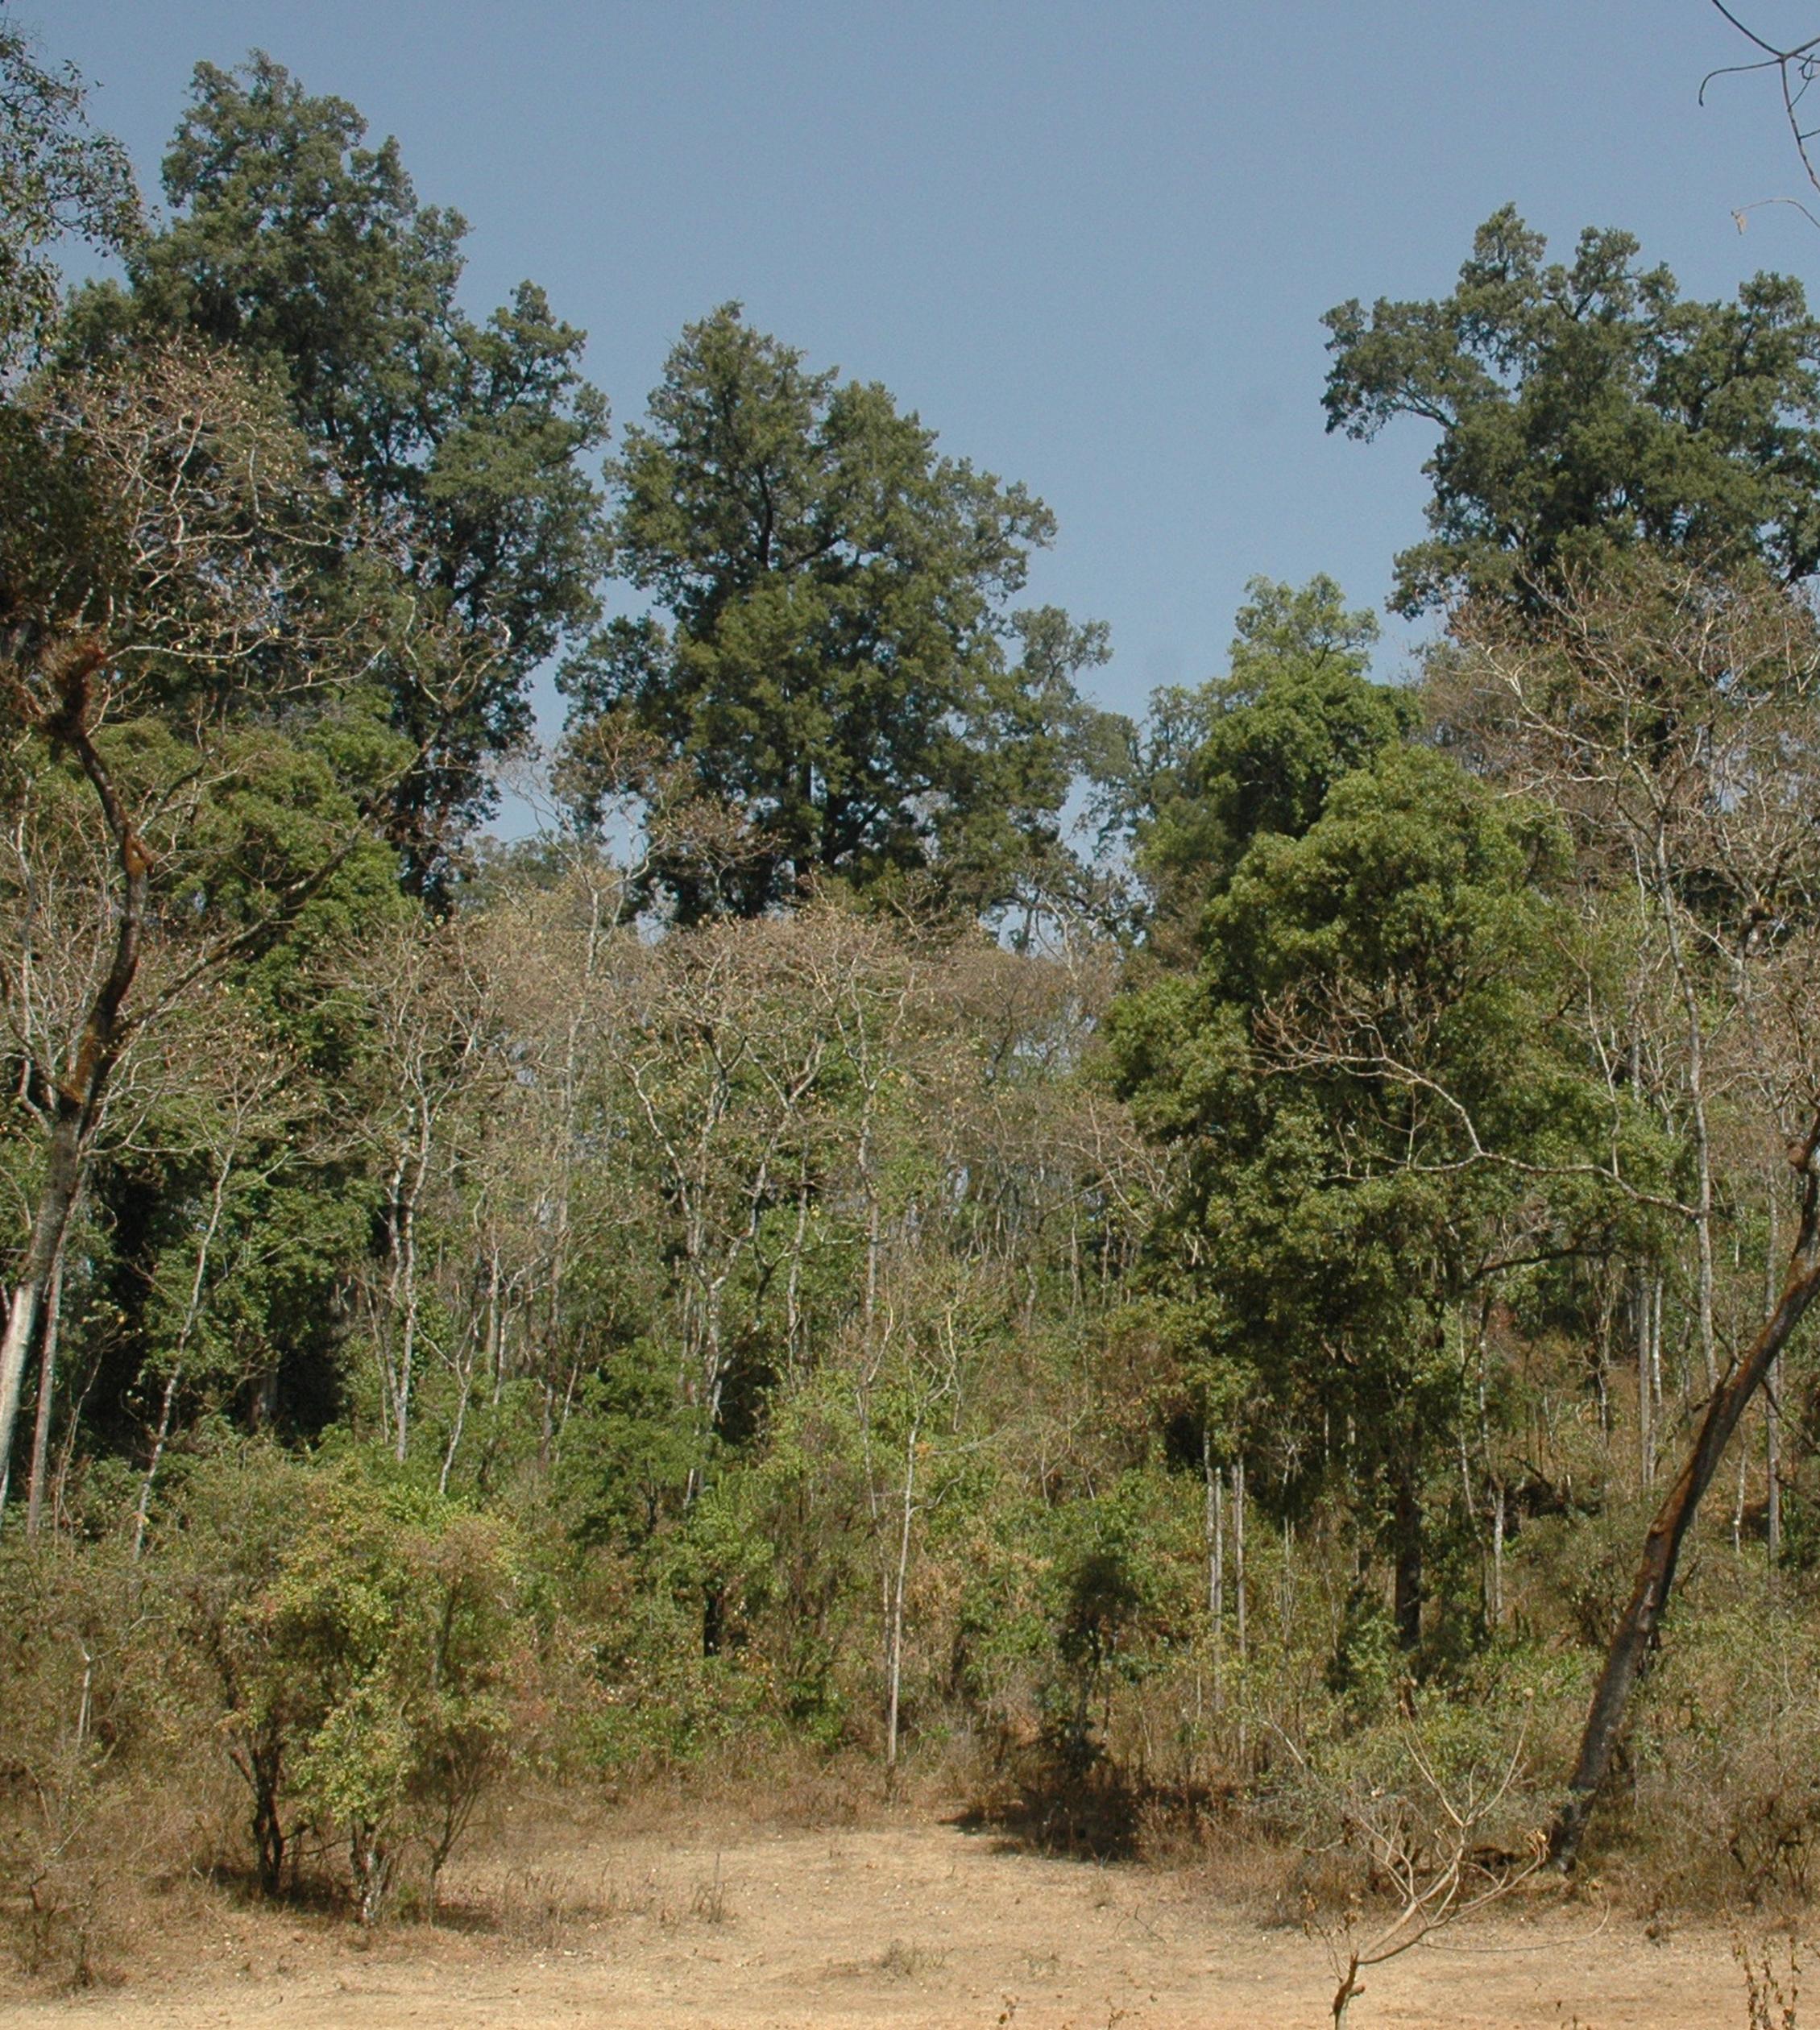 Munessa Forest